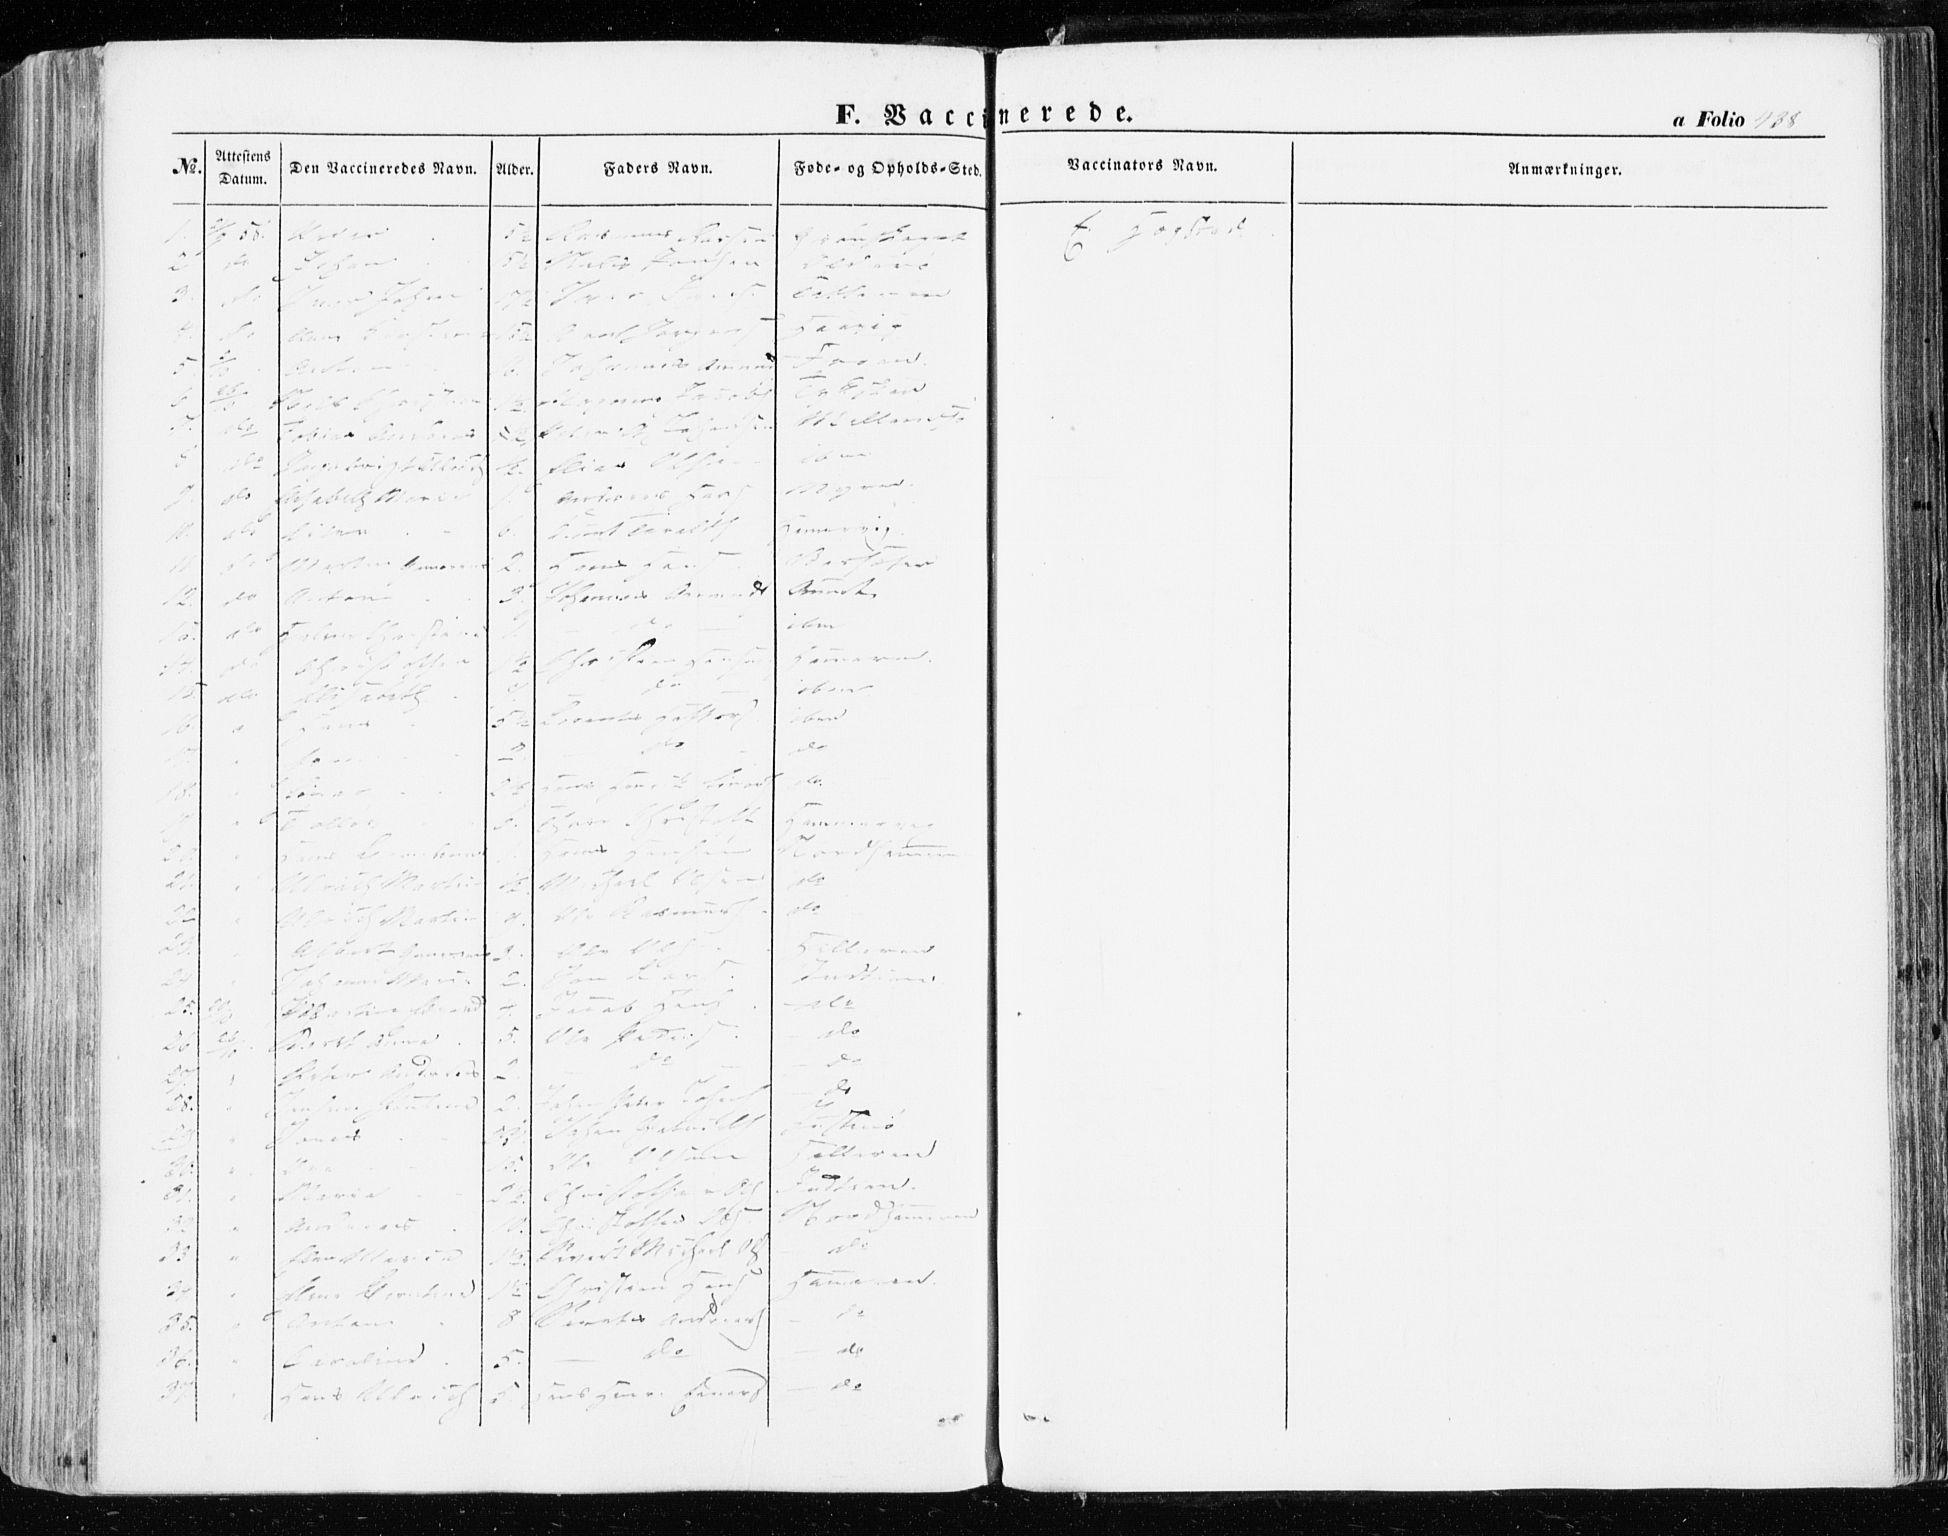 SAT, Ministerialprotokoller, klokkerbøker og fødselsregistre - Sør-Trøndelag, 634/L0530: Ministerialbok nr. 634A06, 1852-1860, s. 438